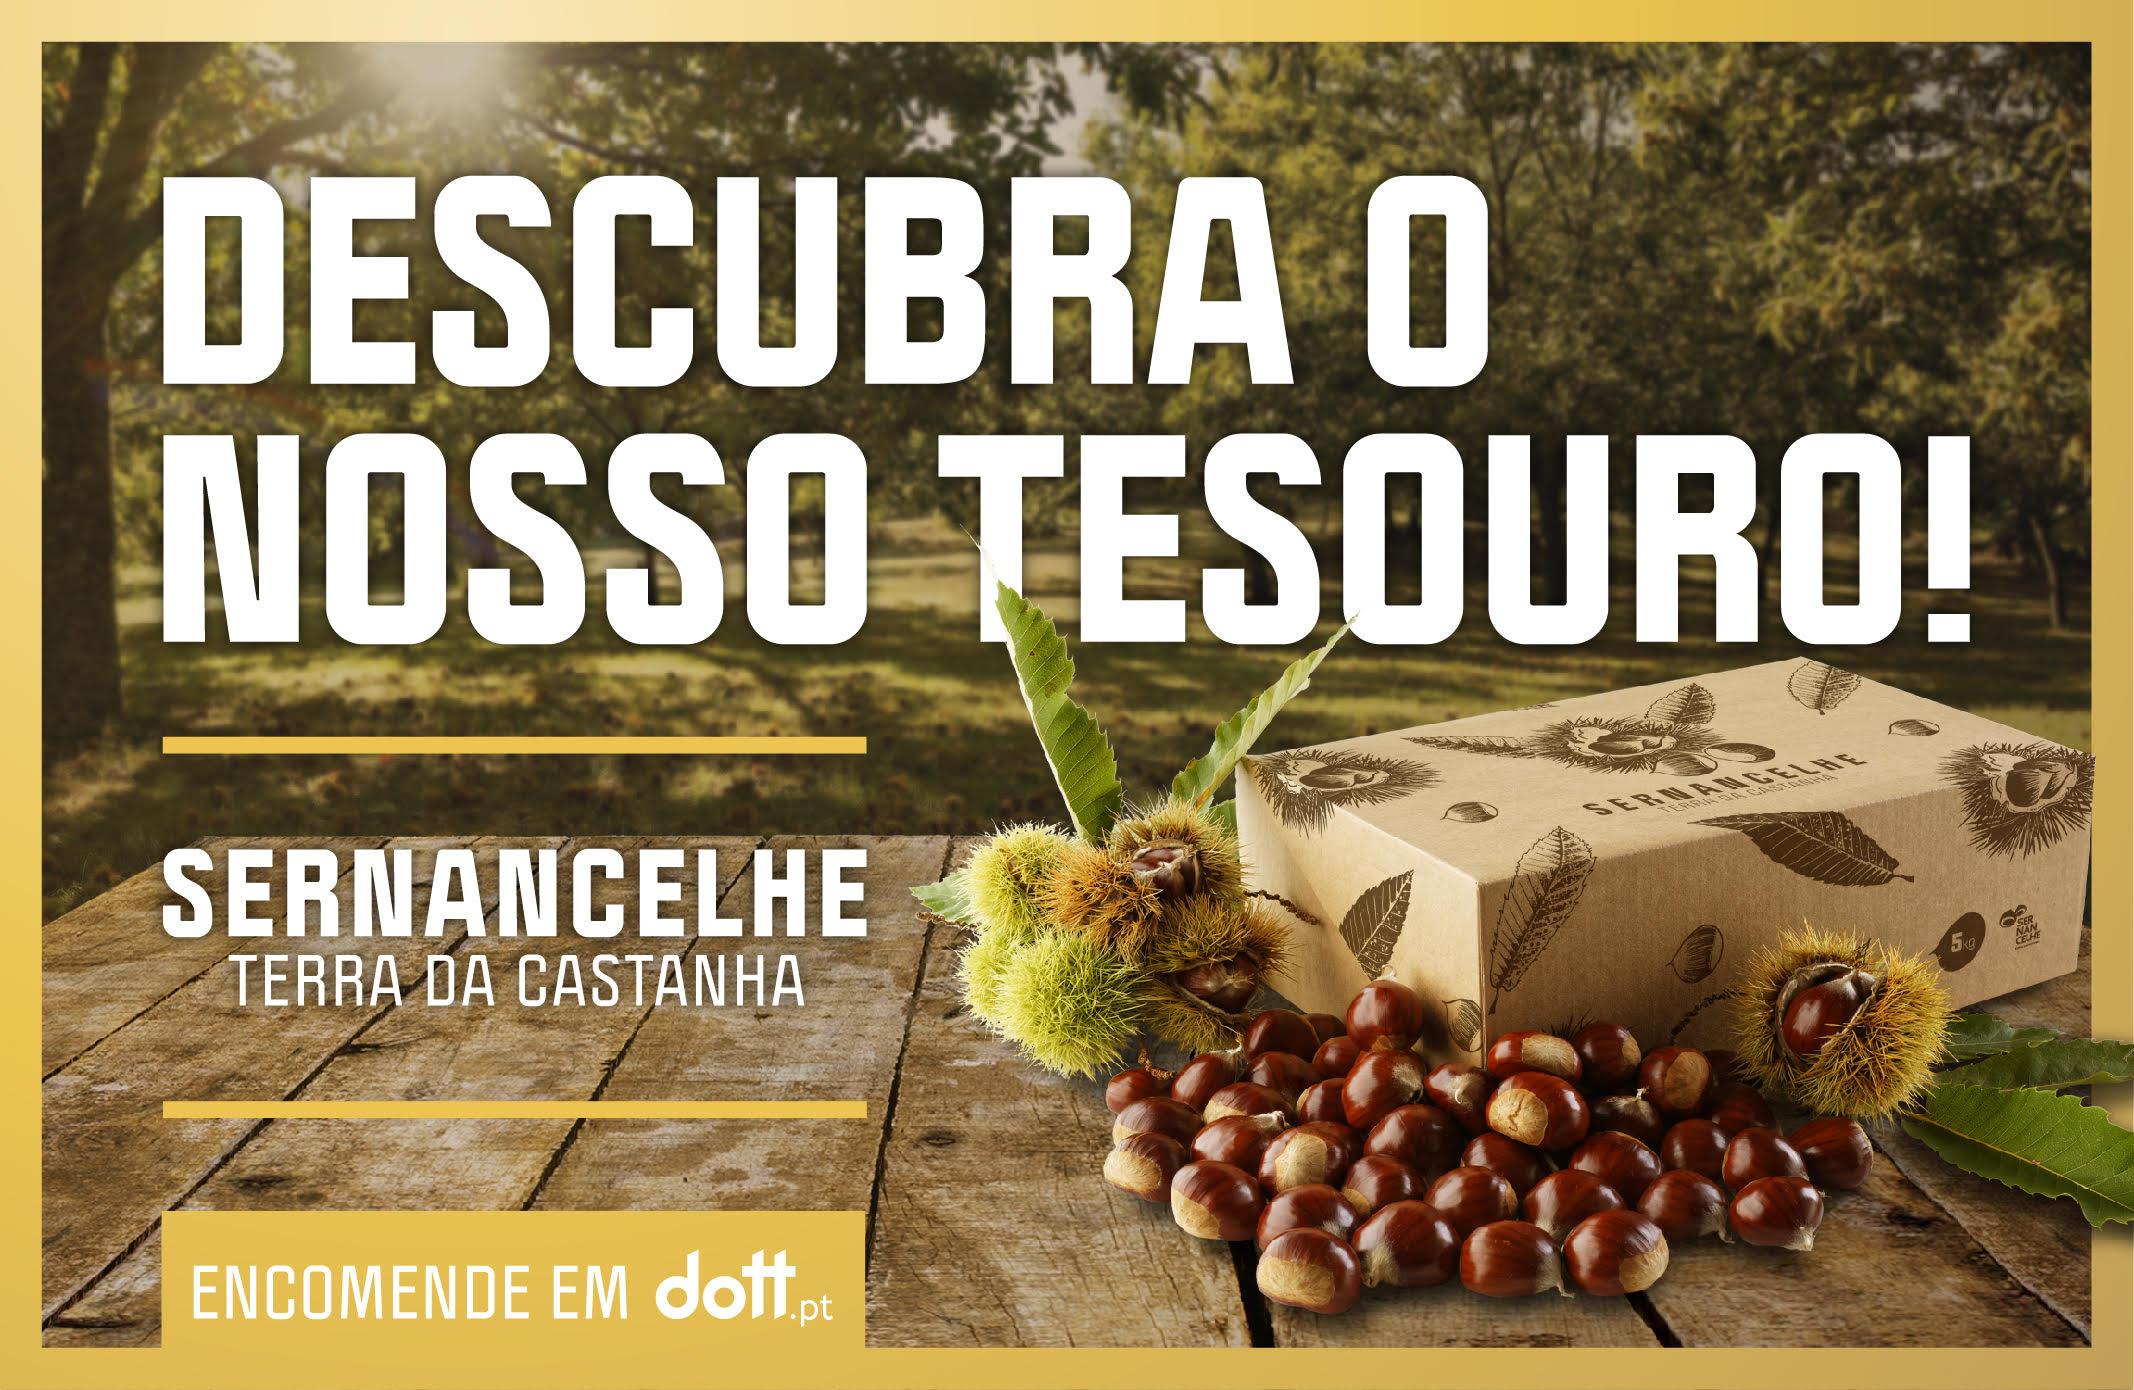 Vídeo Promocional de Sernancelhe